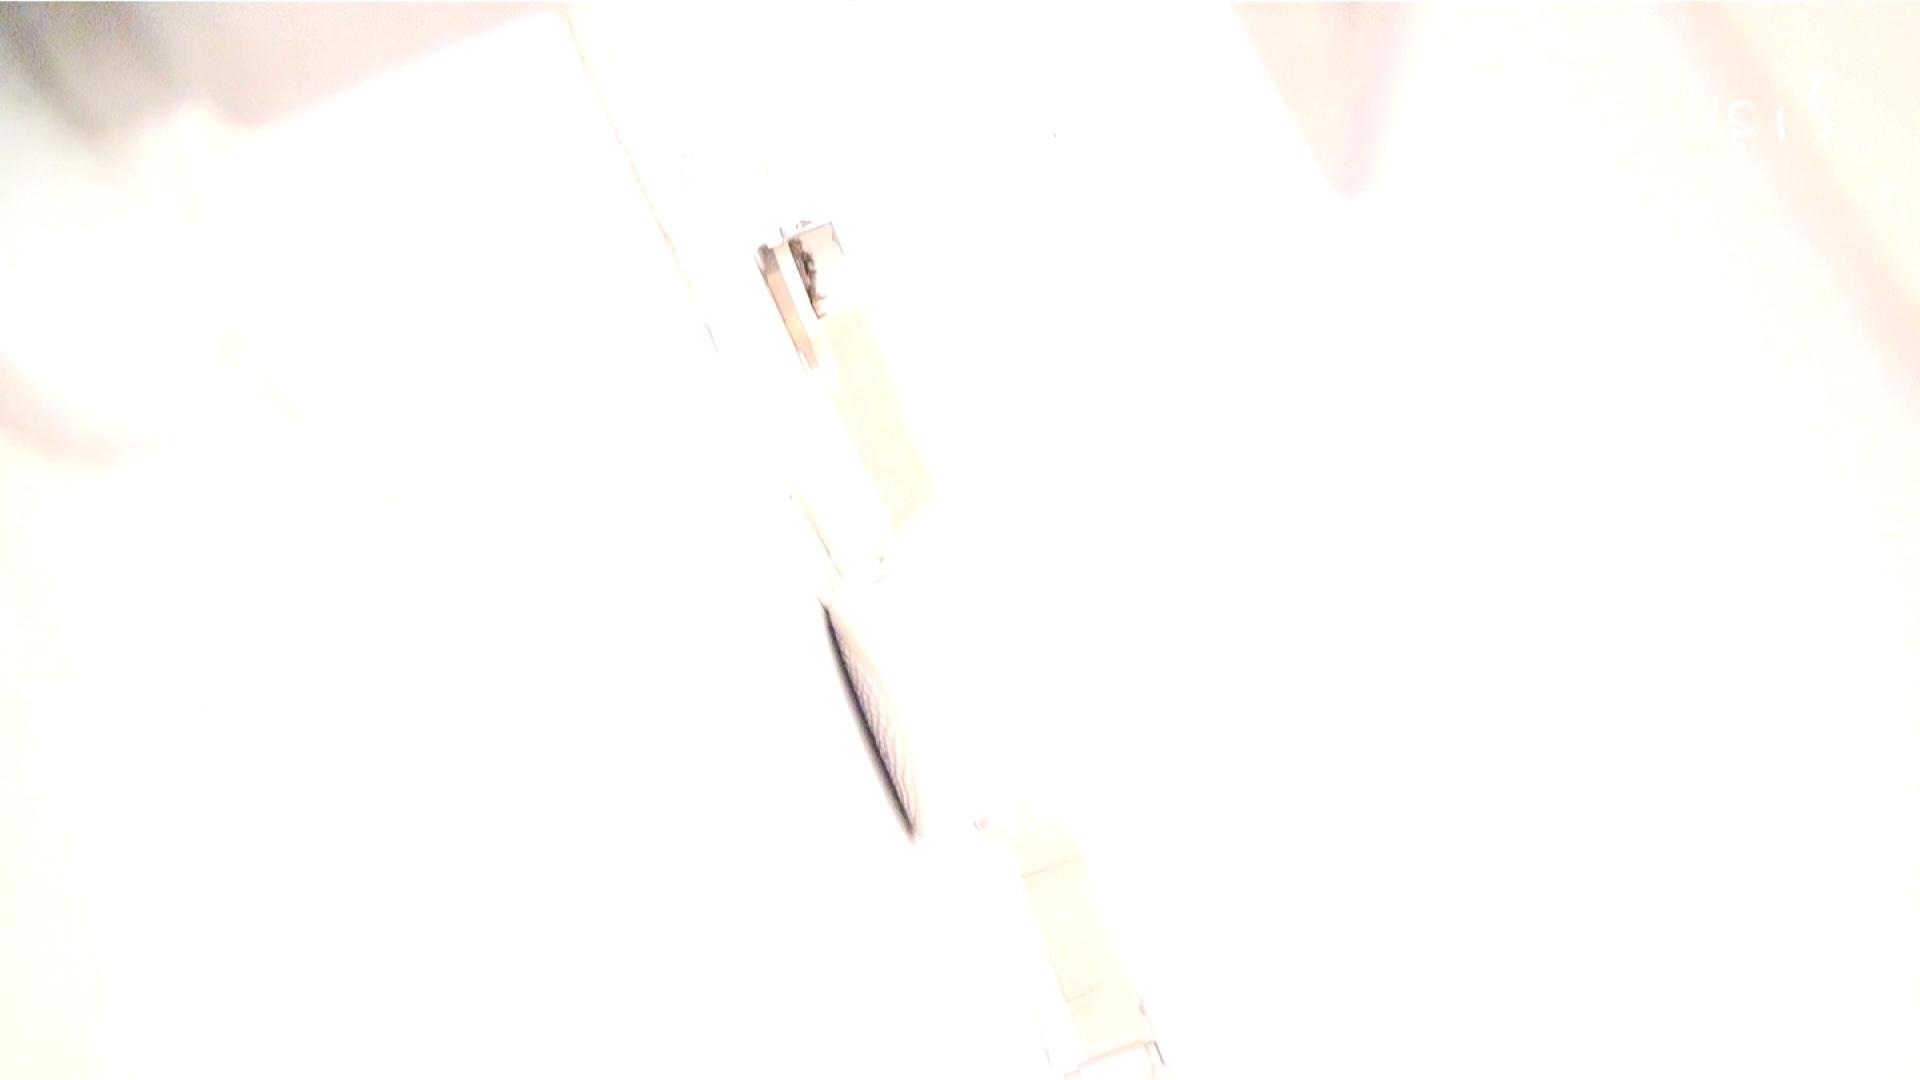 至高下半身盗撮-PREMIUM-【院内病棟編 】VOL5 盗撮  81PIX 46